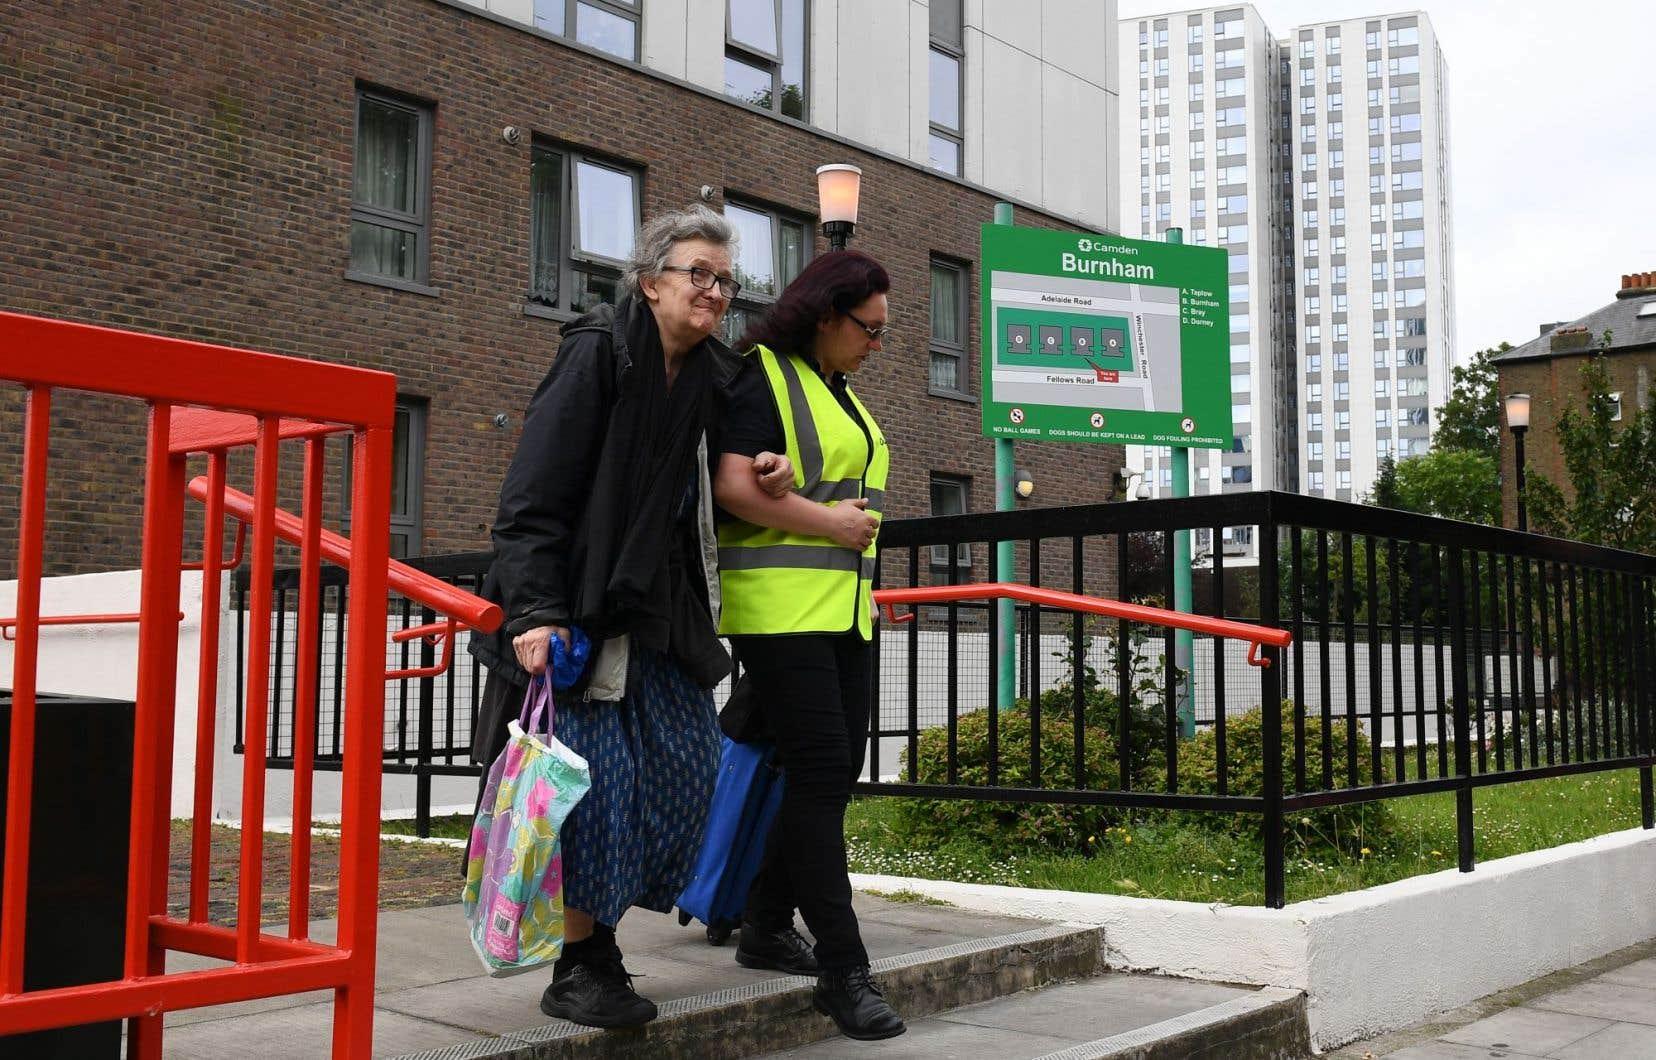 Une résidente (à gauche) est évacuaée de l'immeuble résidentiel Burnham Tower sur le domaine Chalcots dans le nord de Londres.